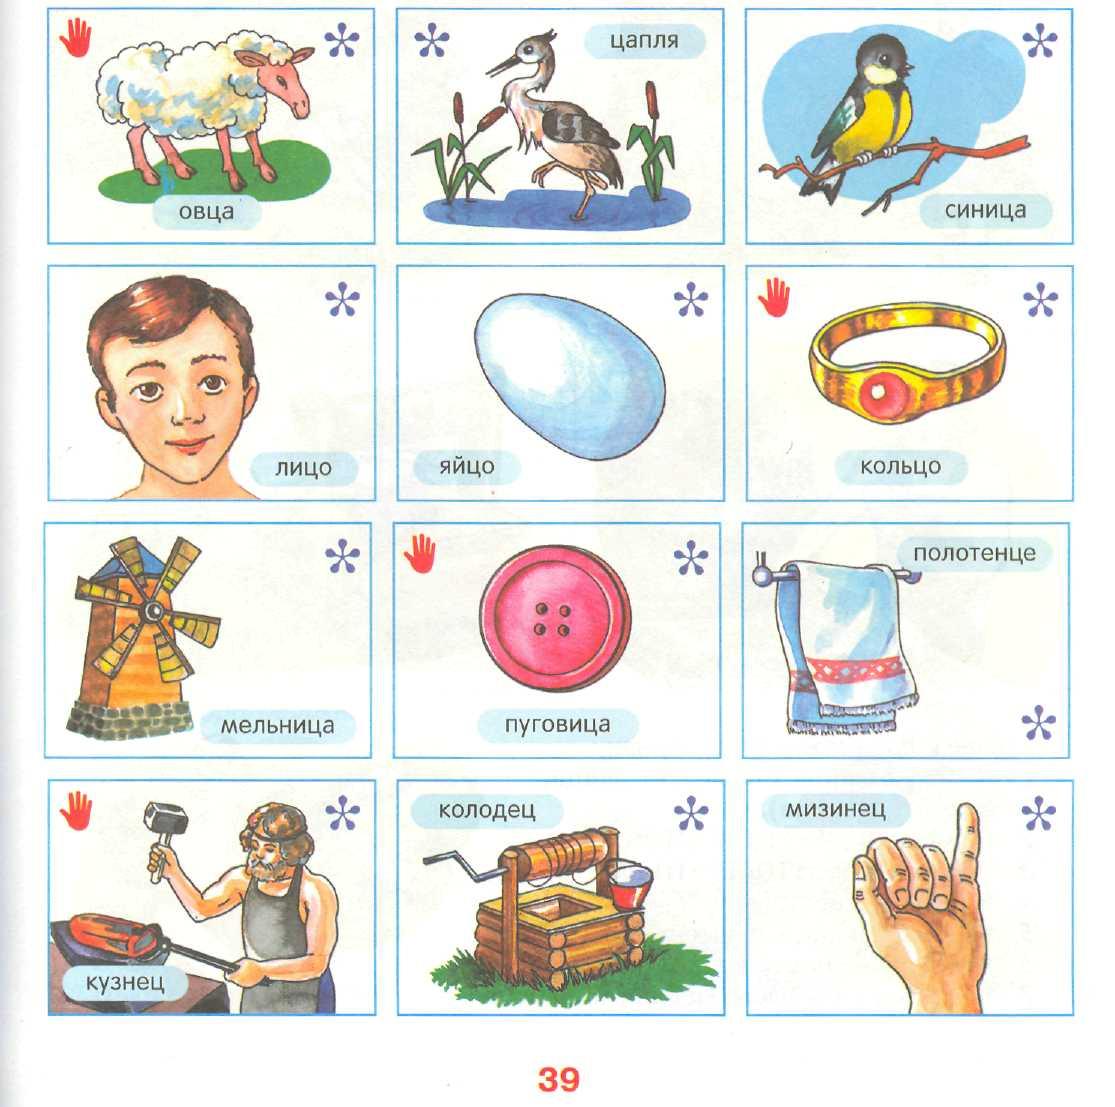 Ц картинки для детей